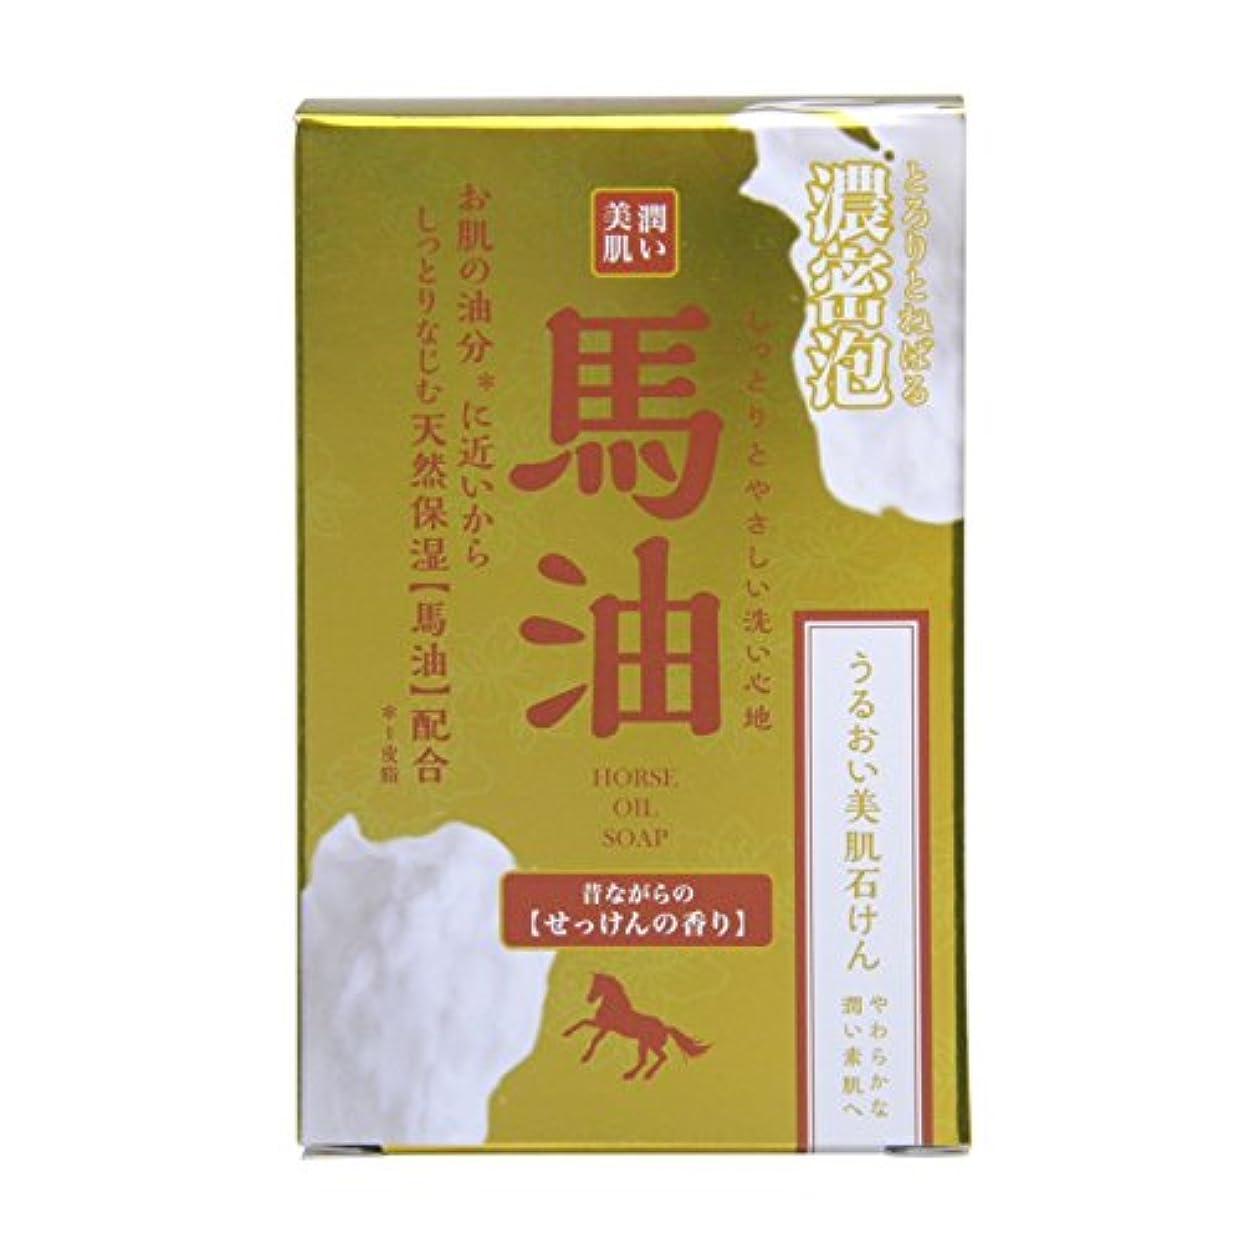 八エンゲージメント合併症潤い美肌 馬油石鹸 100g